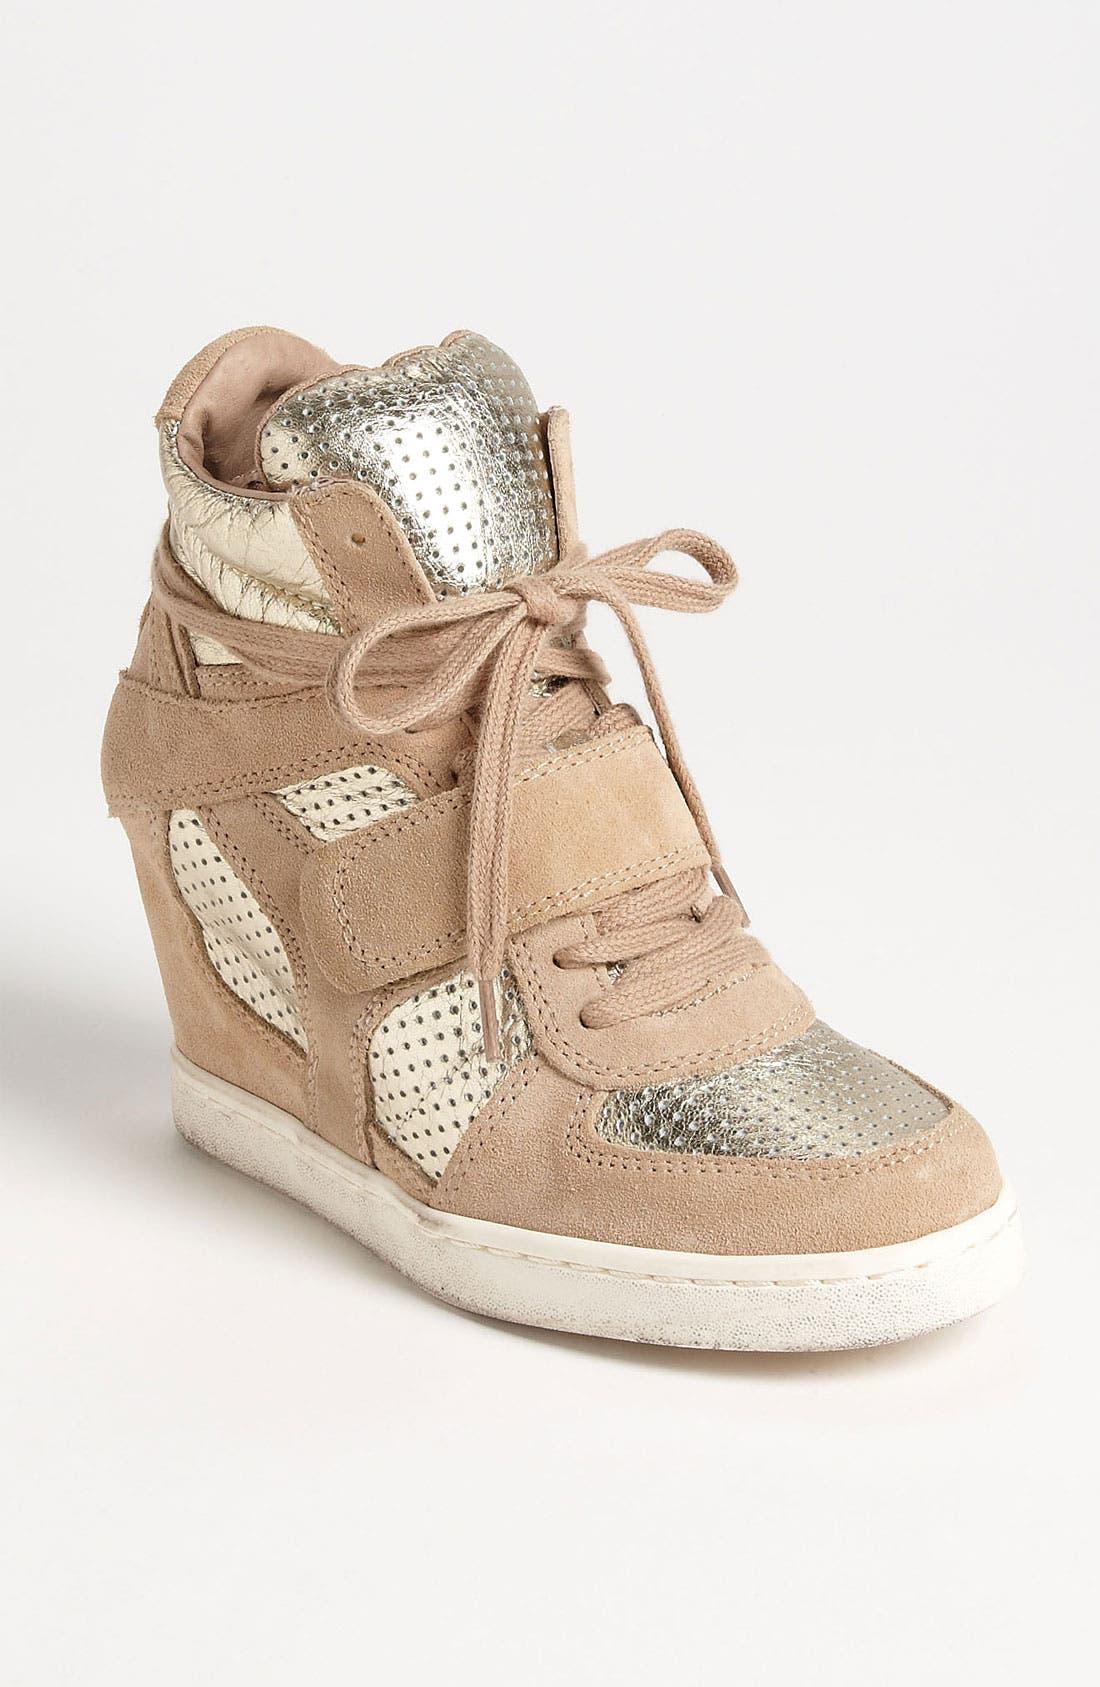 Alternate Image 1 Selected - Ash 'Cool Bis' Sneaker